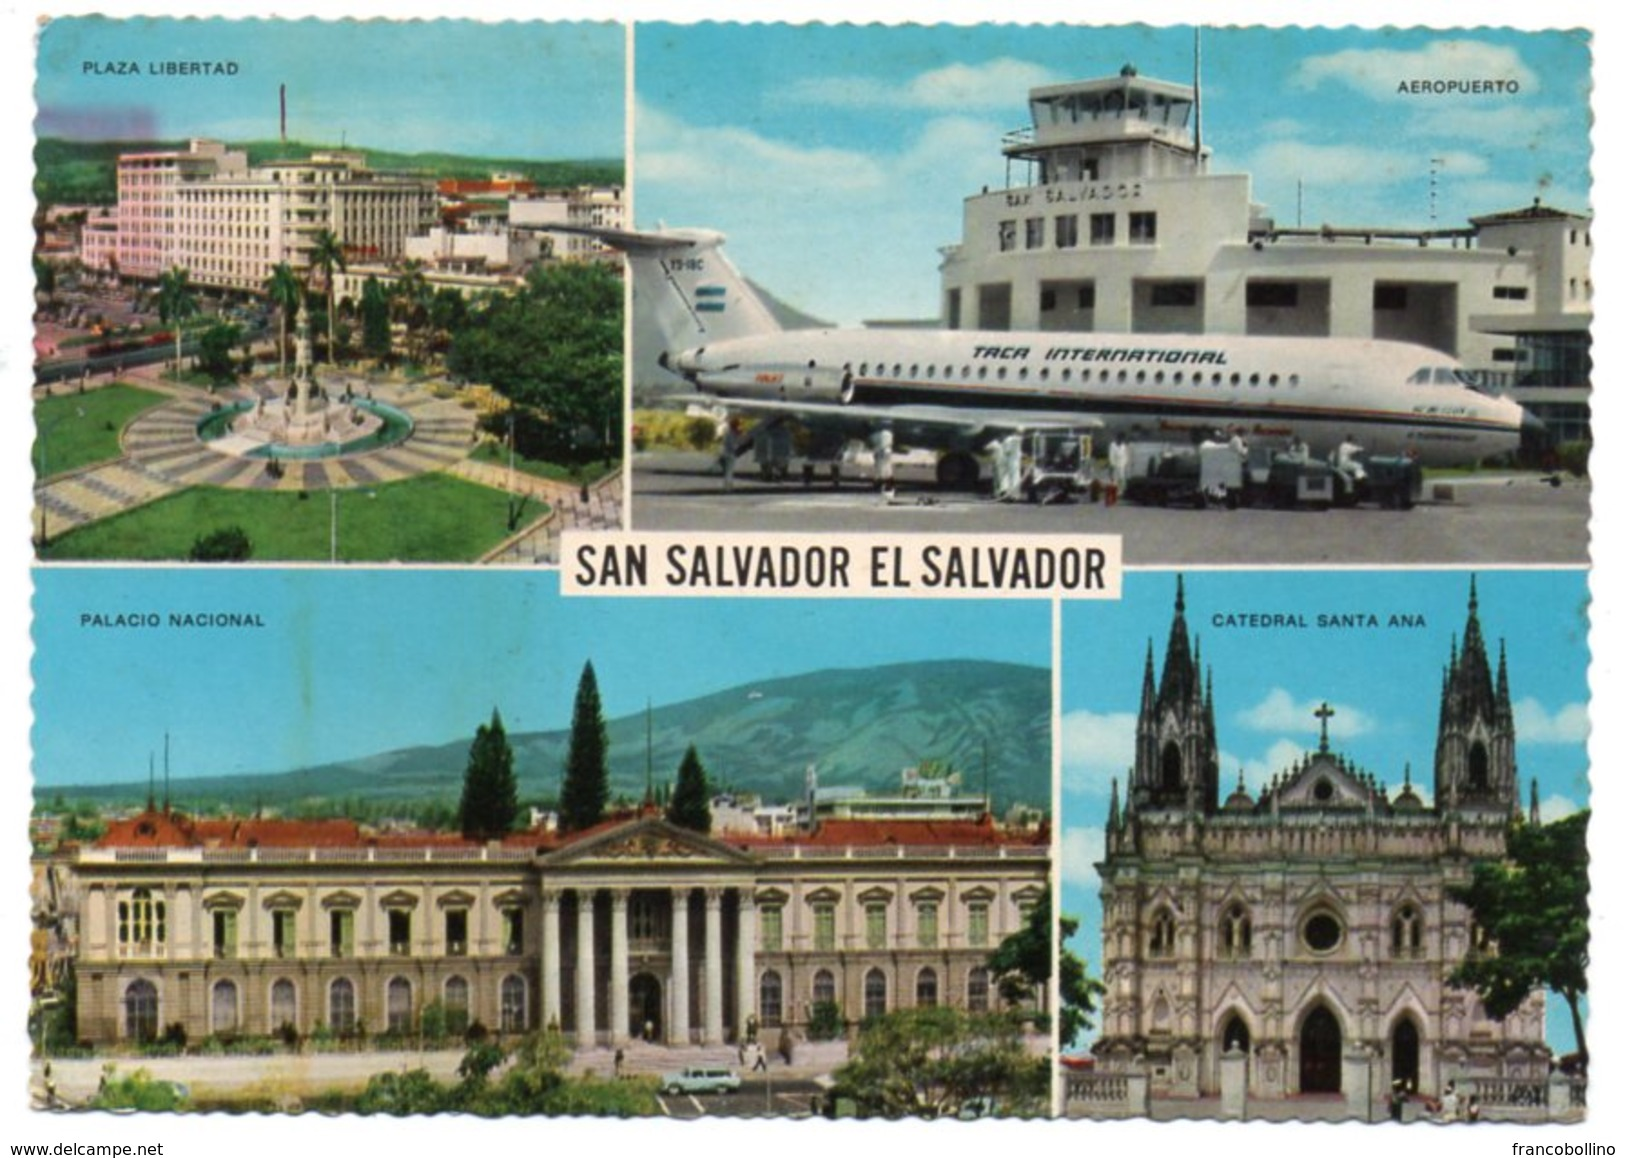 EL SALVADOR-SAN SALVADOR AEROPUERTO/ AIRPORT/ AEROPORT/ AEROPORTO / AVION / AIRPLANE / THEMATIC STAMP- O.M.S. - Aerodromi